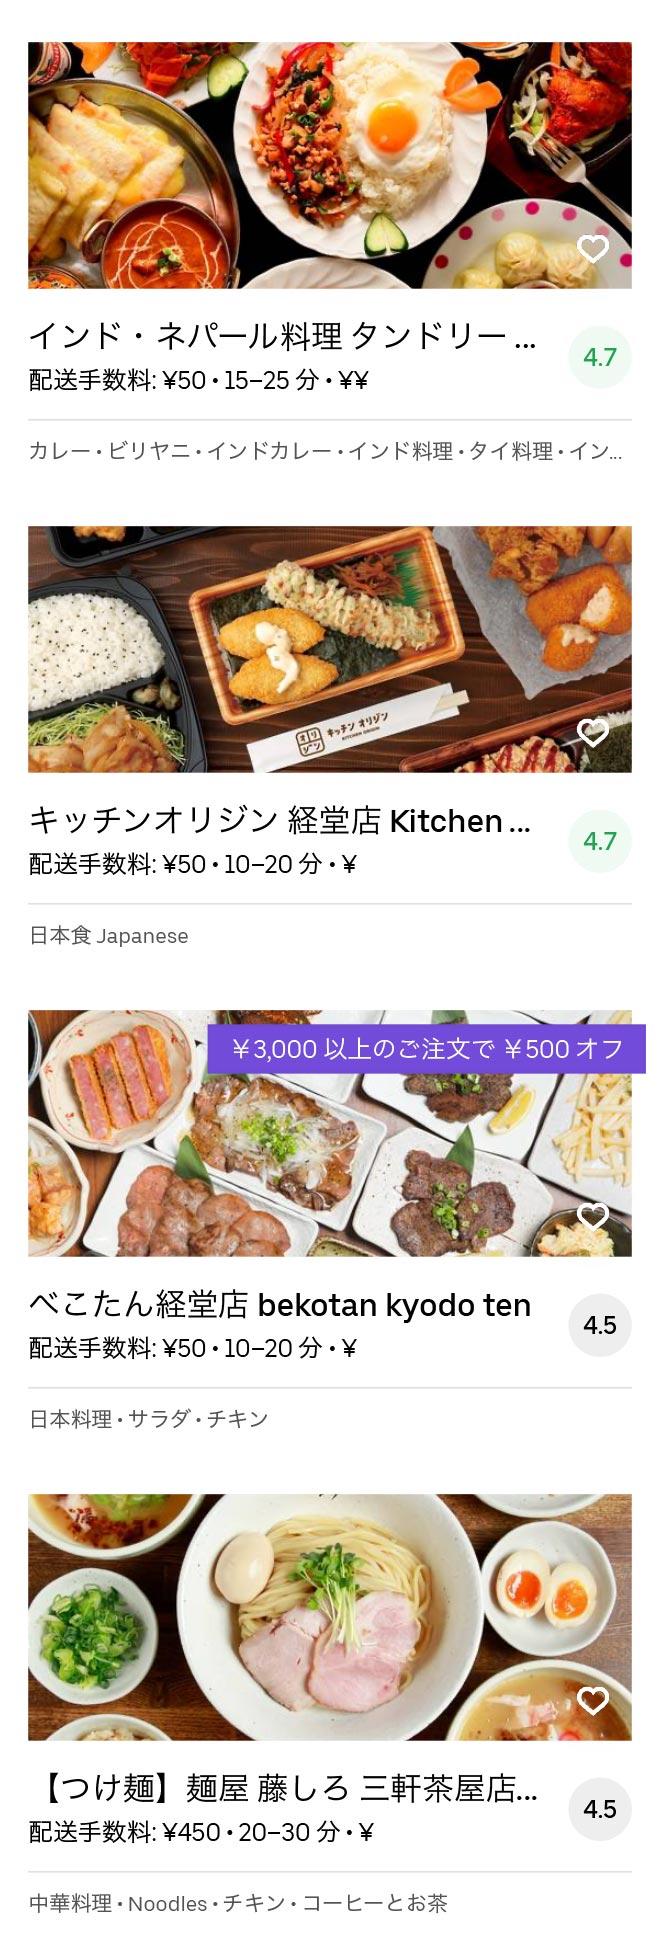 Tokyo kyodo menu 2005 07